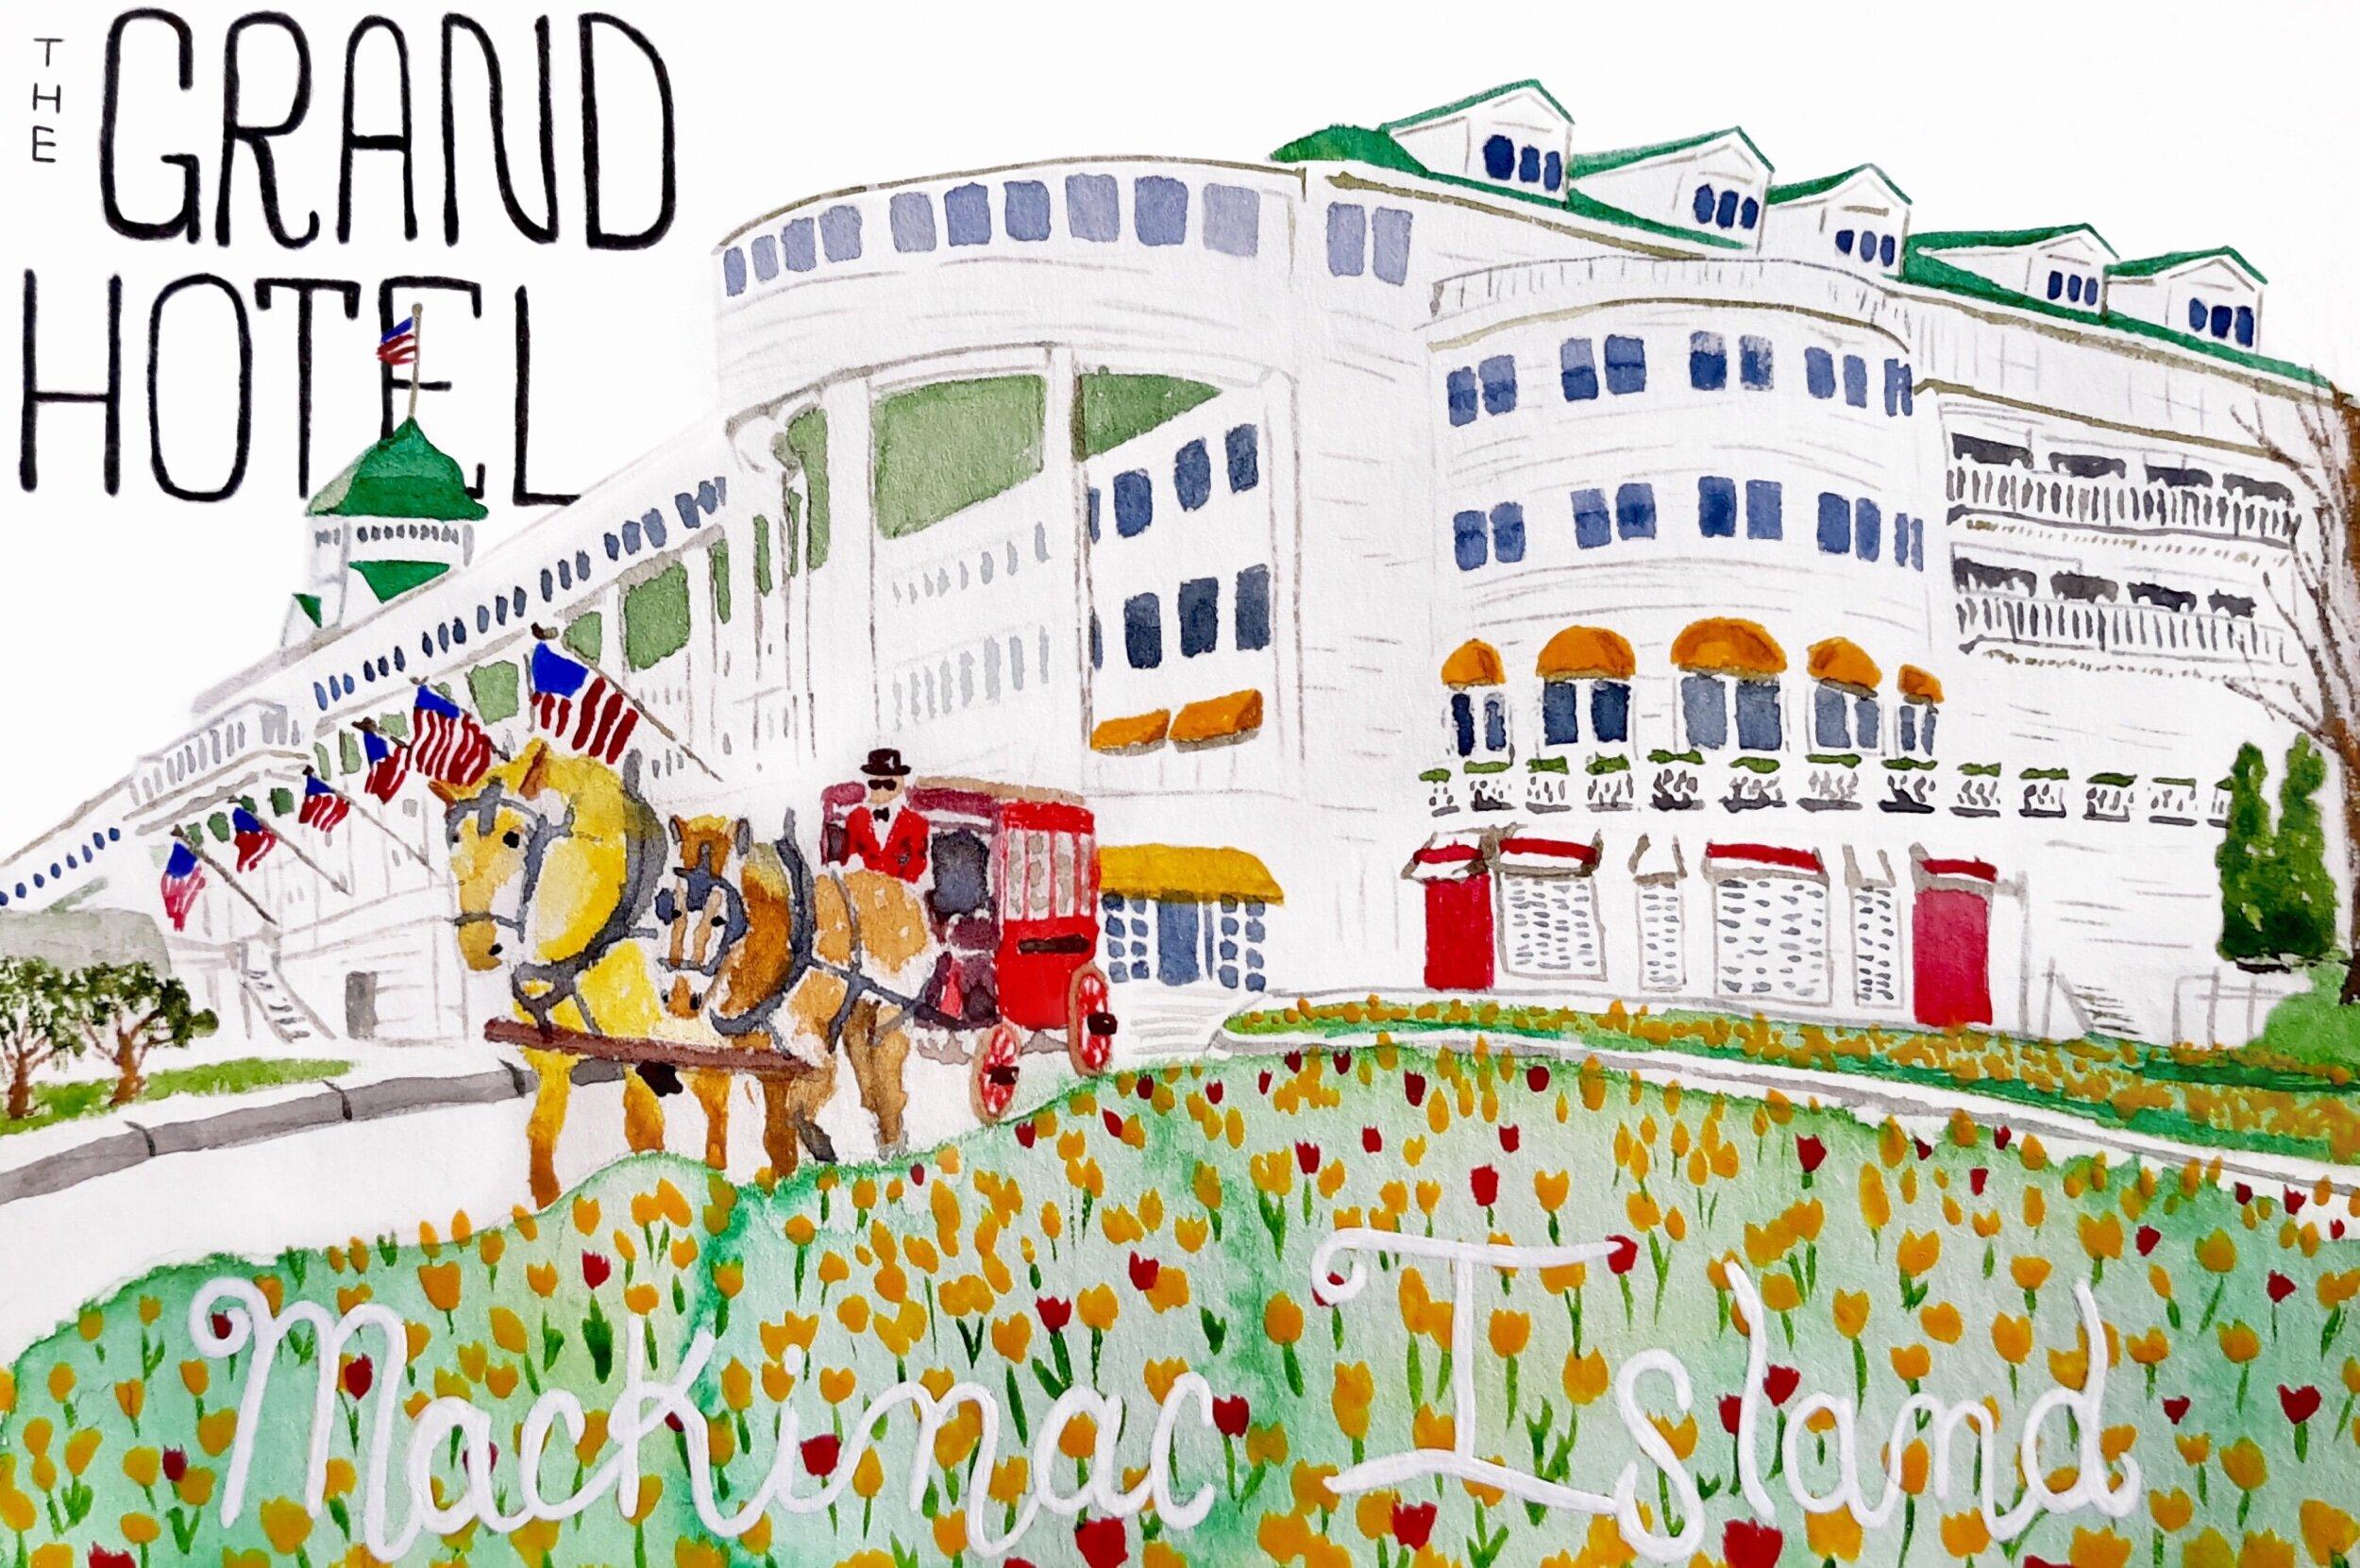 Grand Hotel watercolor